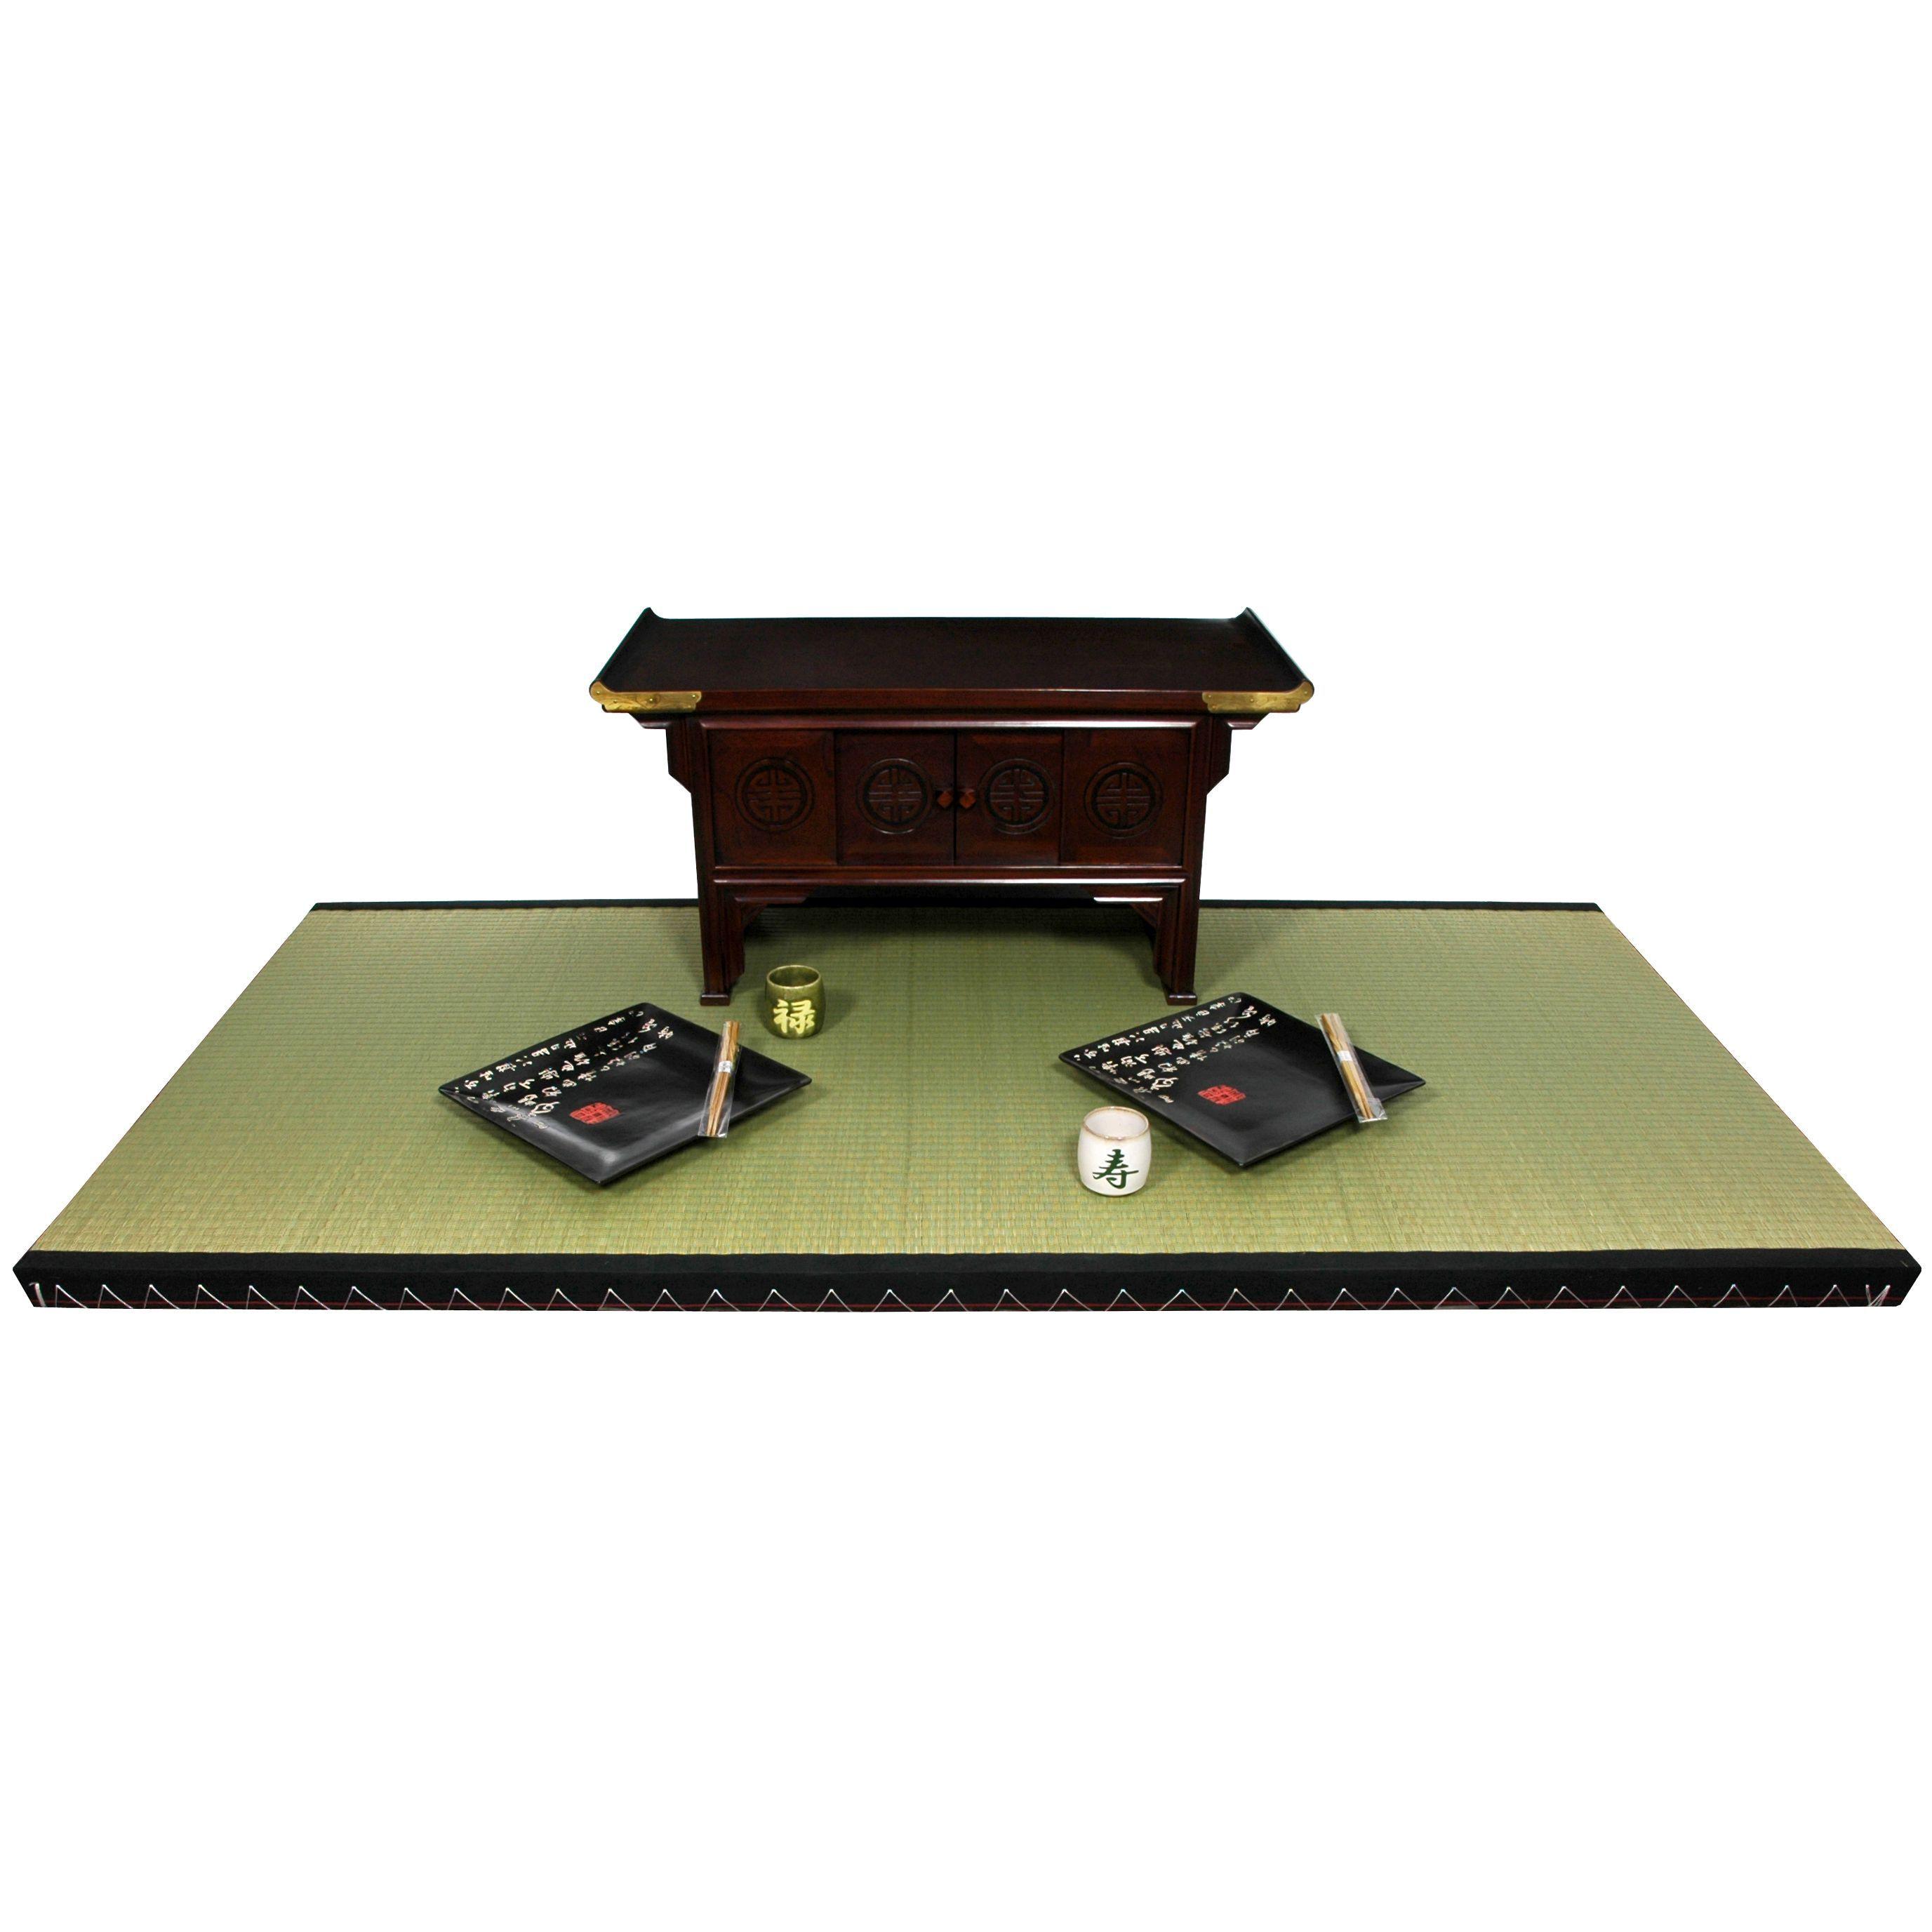 6' x 3' Full Size Tatami Mat from Oriental Furniture